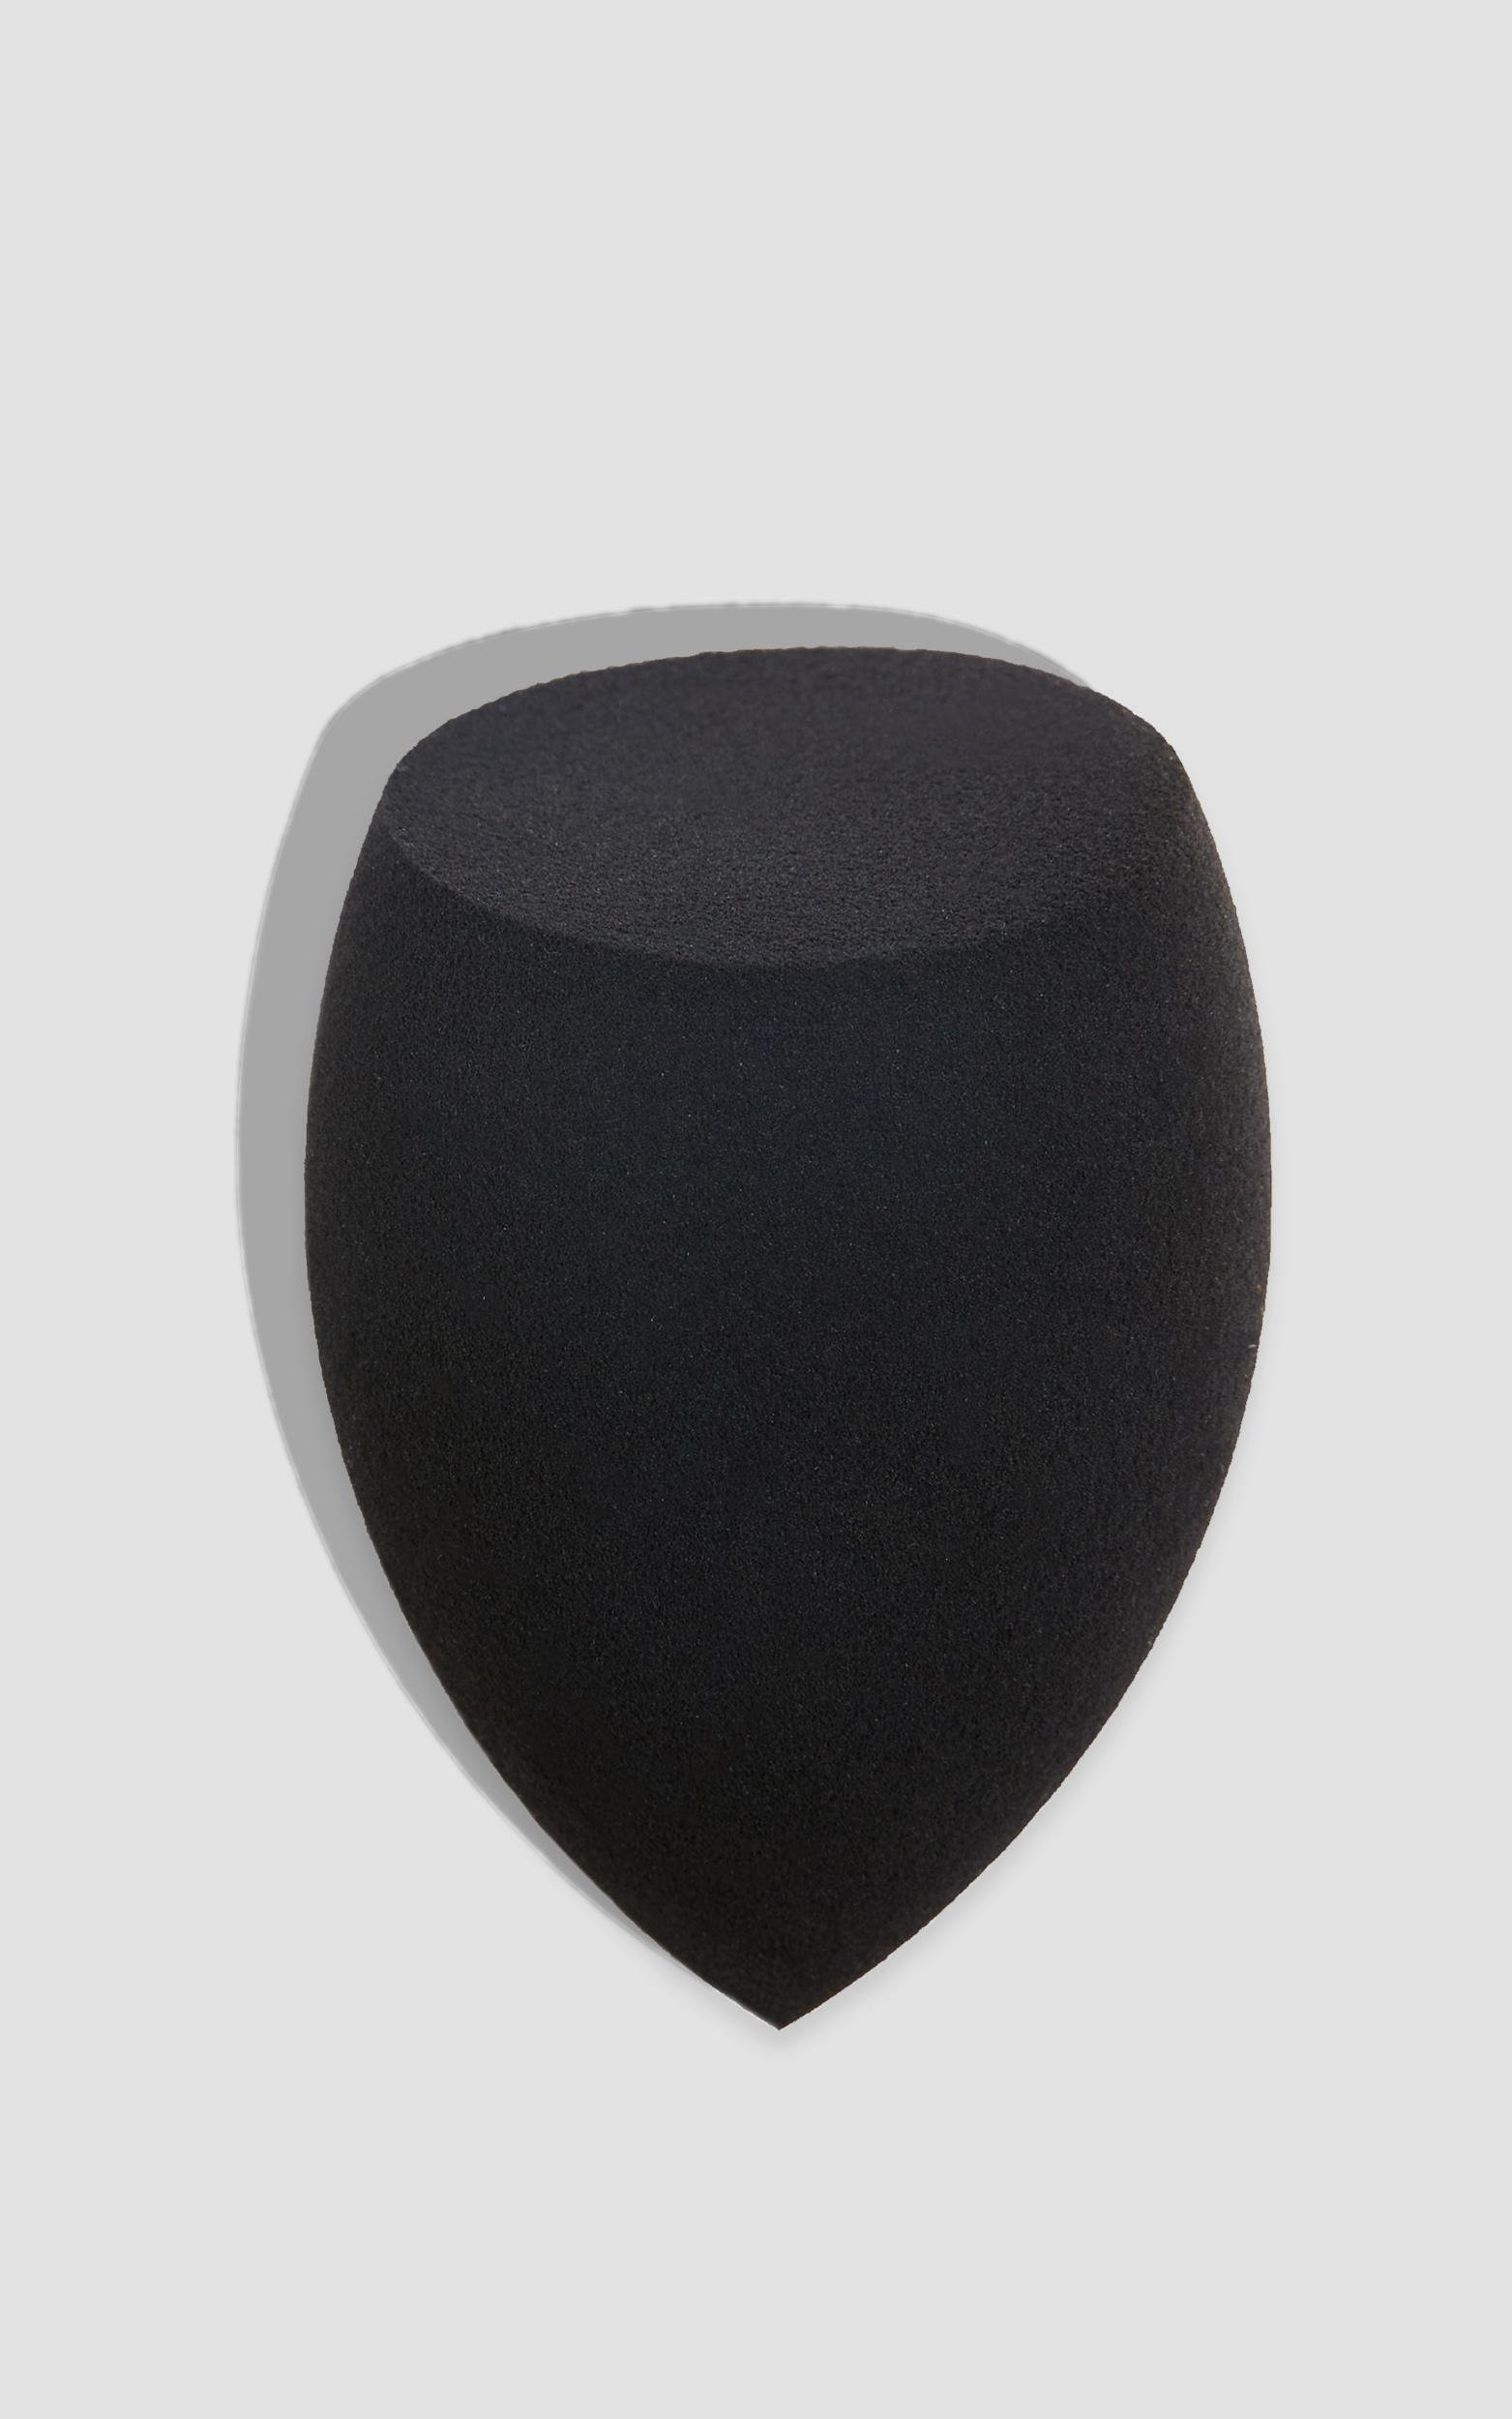 MCoBeauty - Angled Blender Sponge , , hi-res image number null